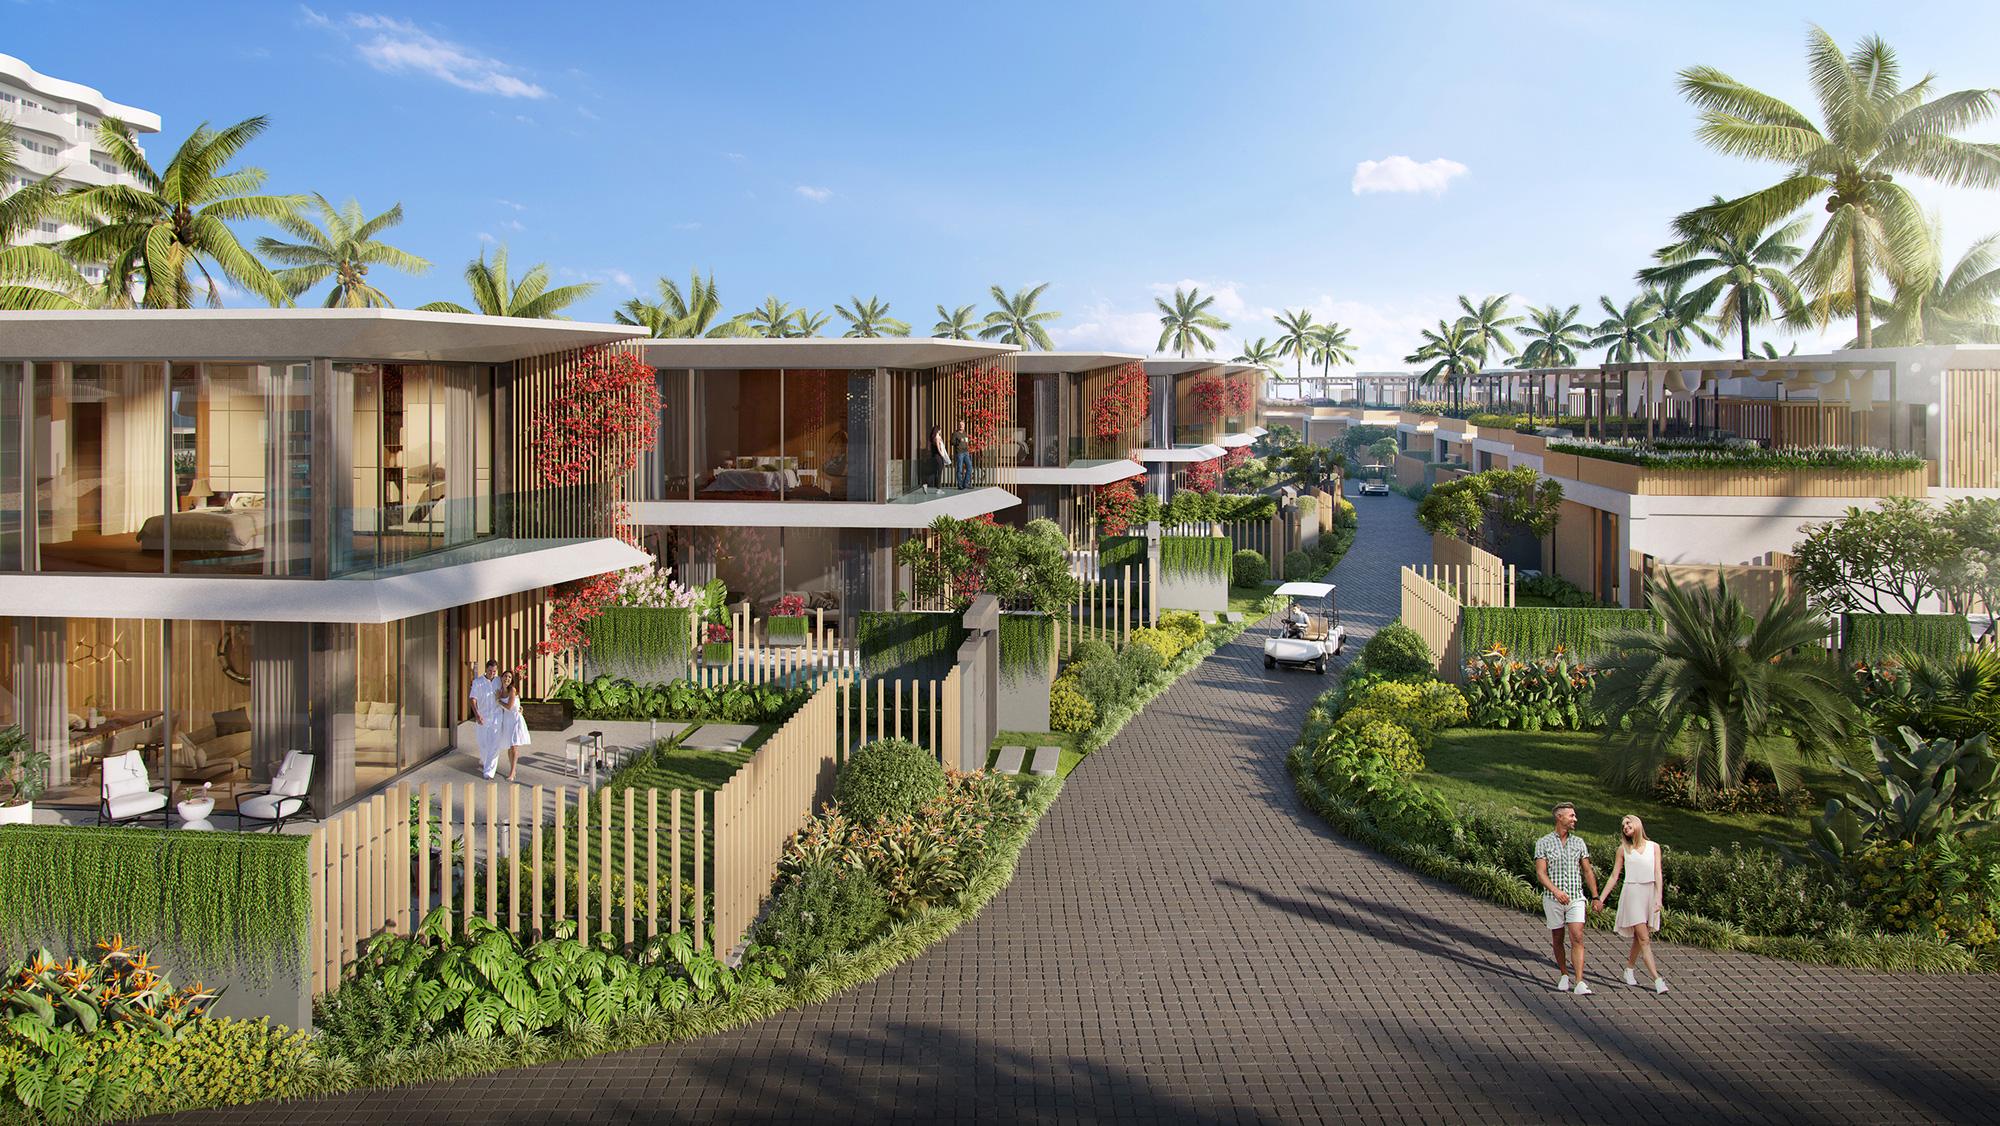 BĐS ven Hội An thắng thế nhờ dòng sản phẩm mới Shantira Beach Resort & Spa - Ảnh 13.